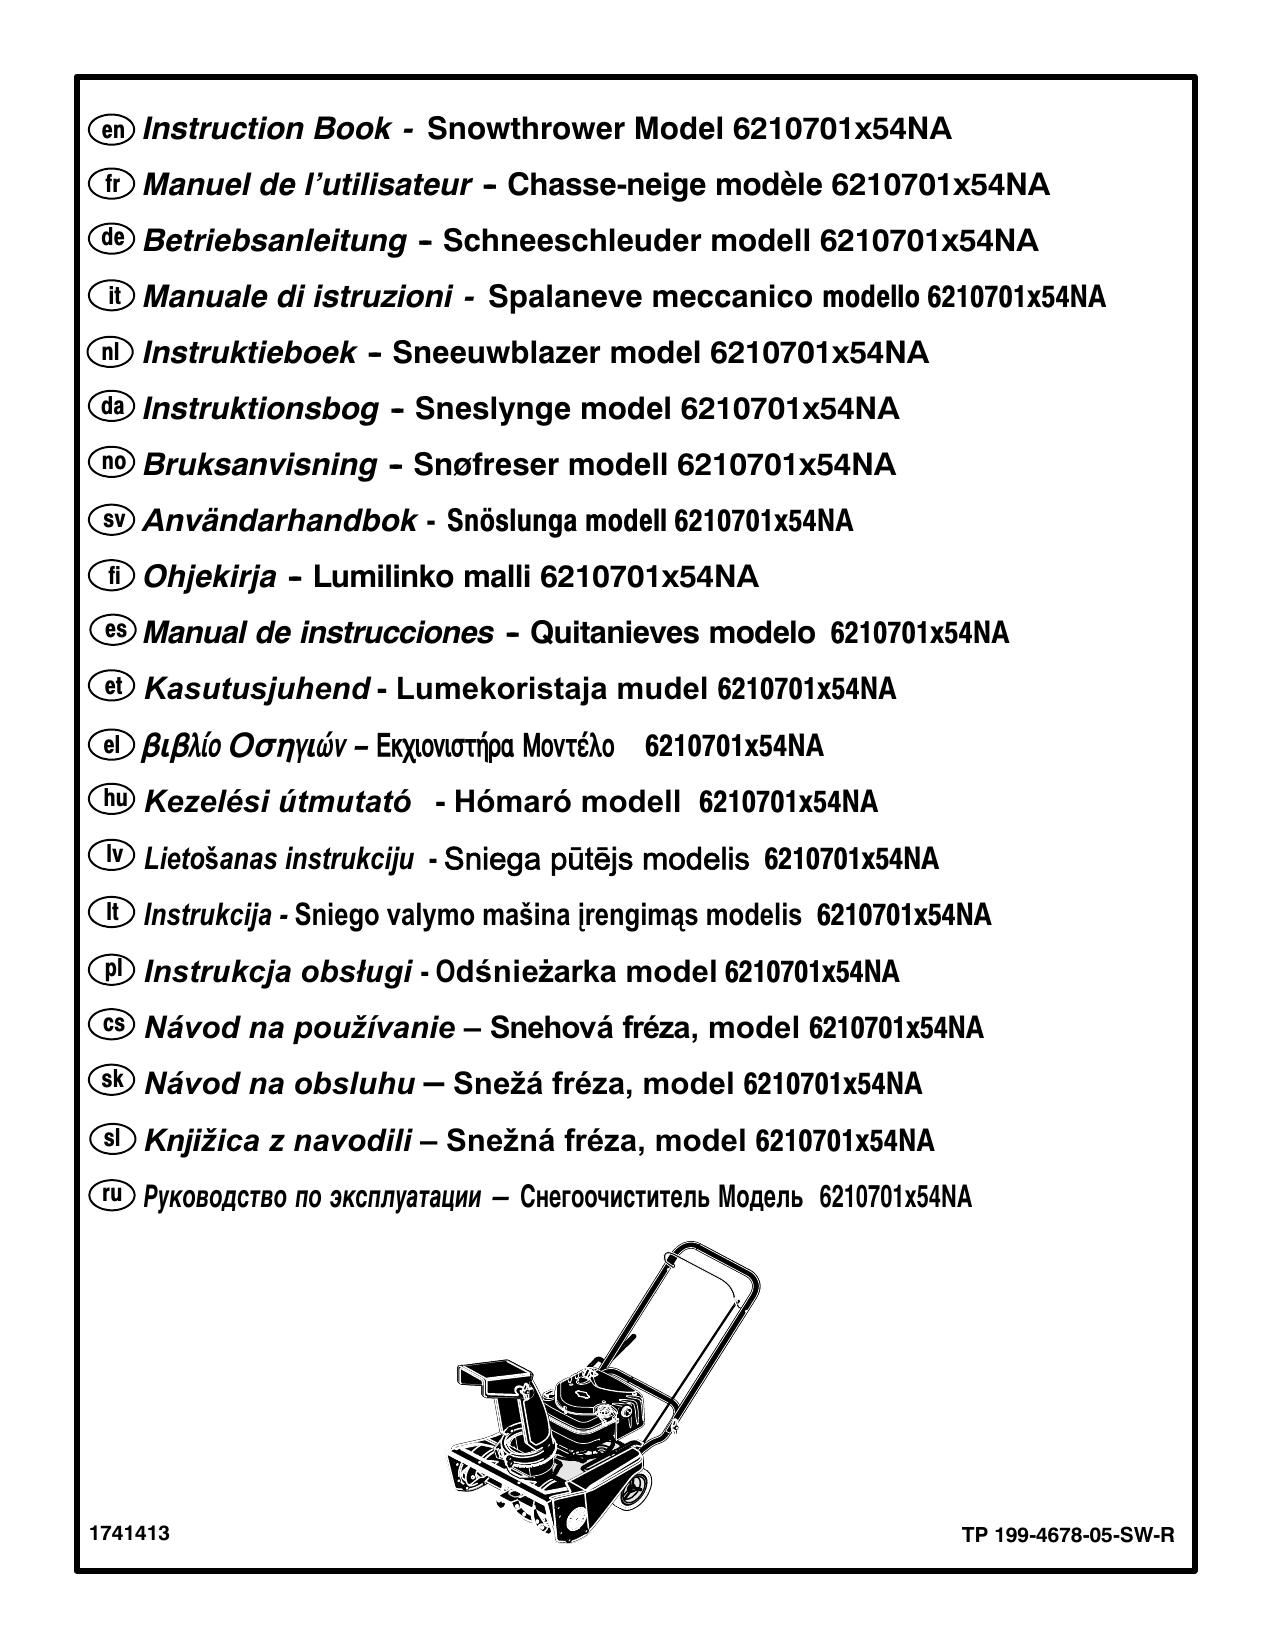 látás kromatitási táblázat